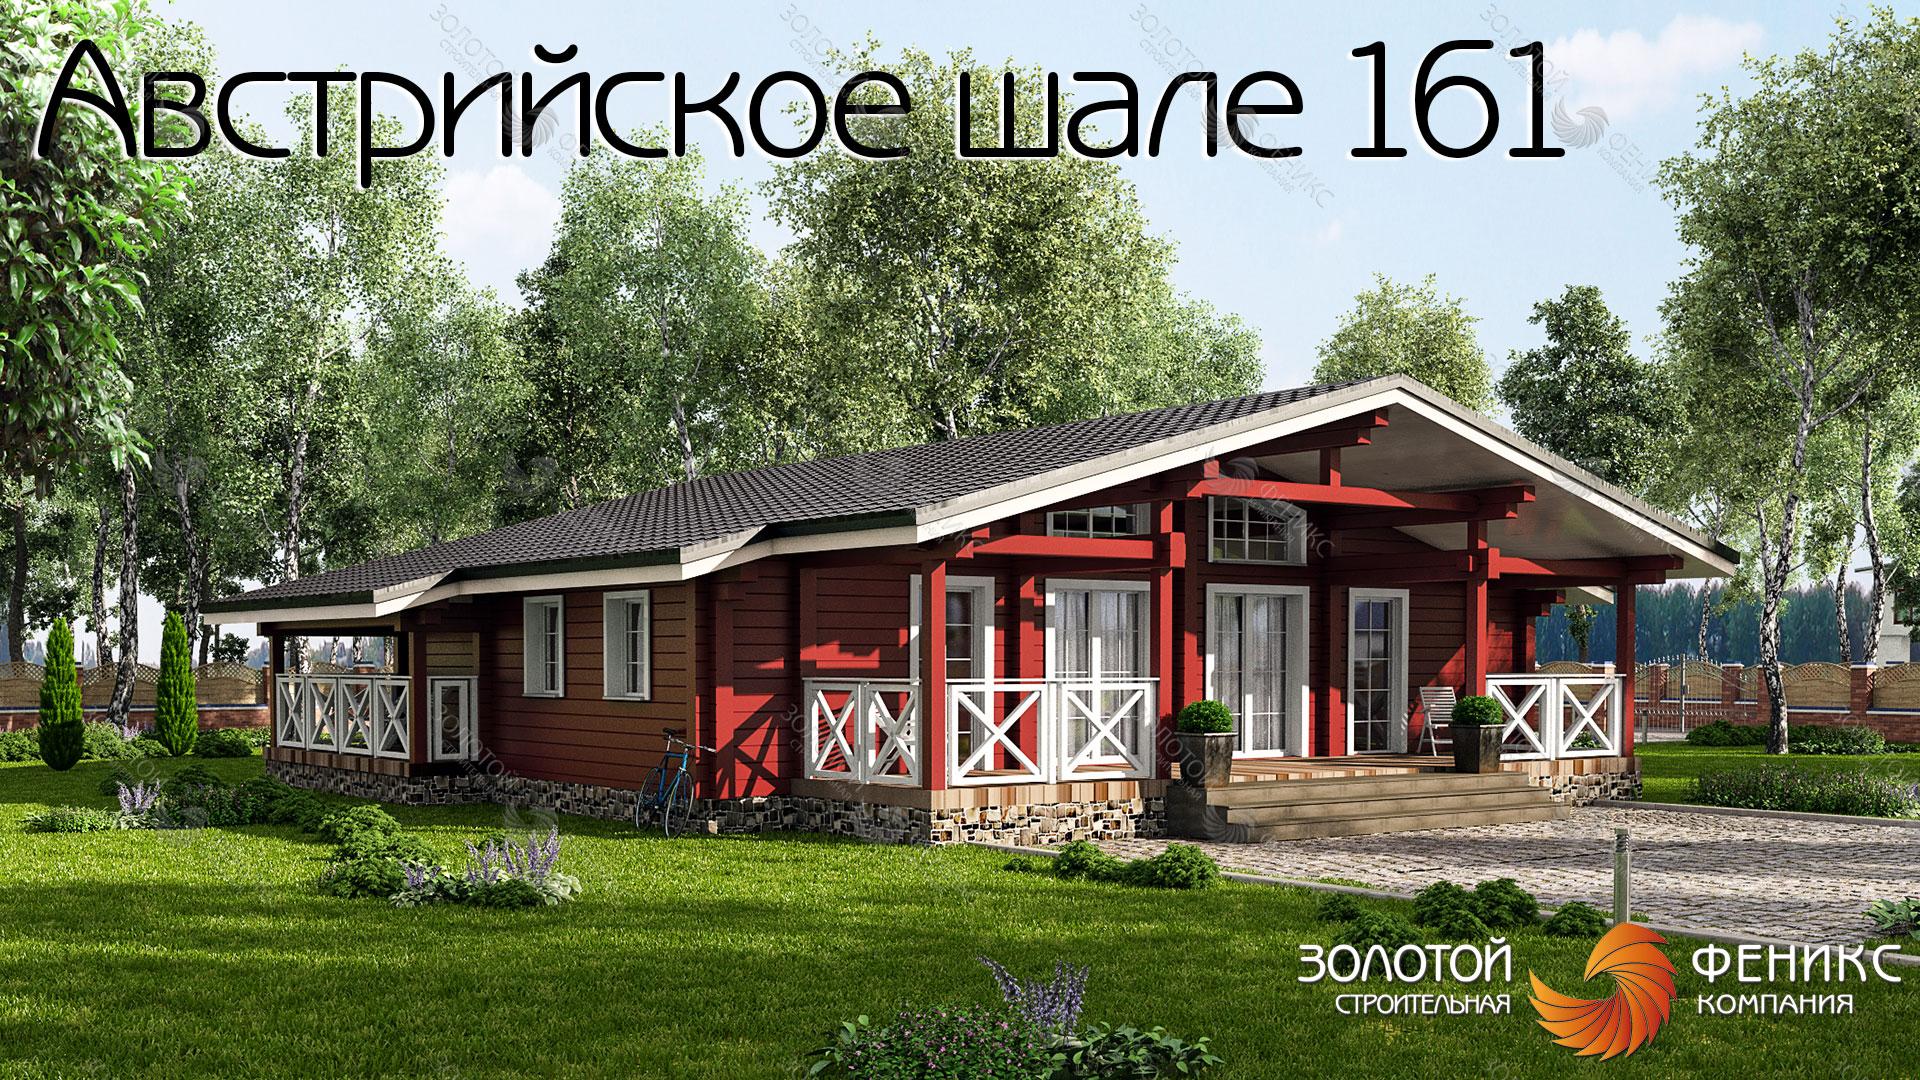 """Одноэтажный комфортный дом из клееного бруса в стиле шале с панорамными окнами """"Австрийское шале 161"""""""